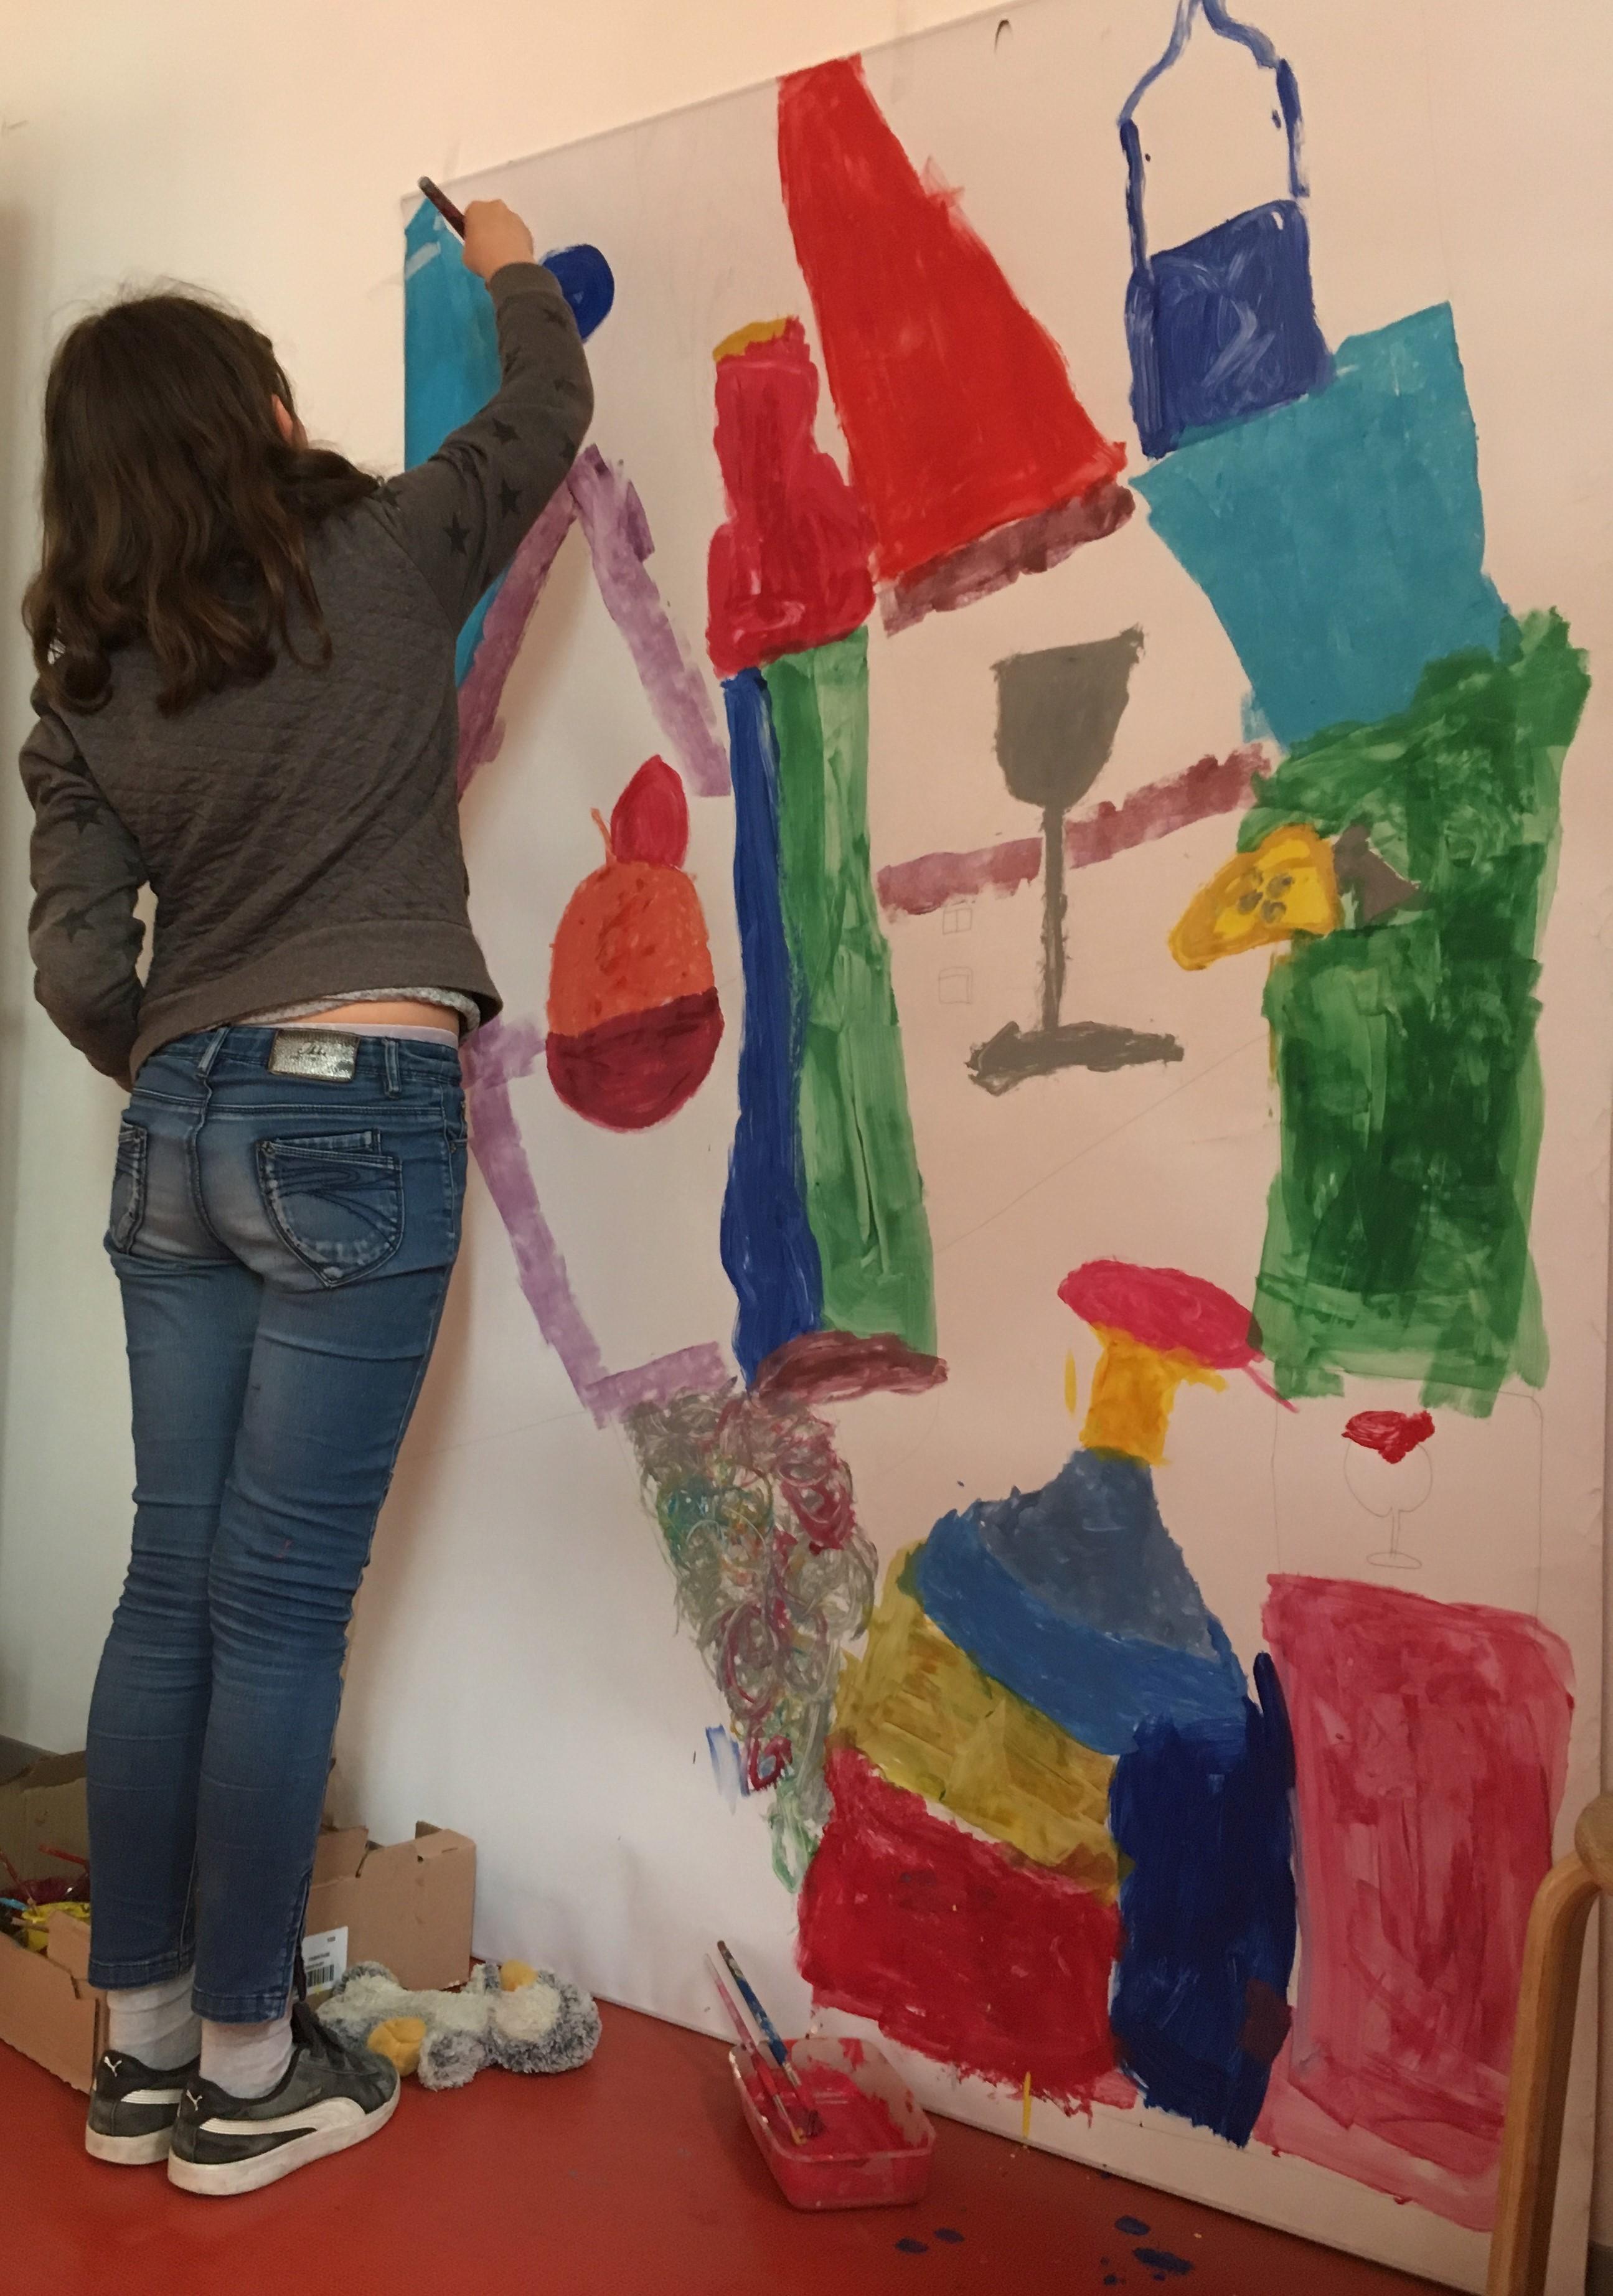 Ces stages d'été, seront l'occasion pour les enfants d'expérimenter différentes pratiques artistiques (photo, musique, vidéo, arts plastiques...) support à la découverte, l'expression, la création...